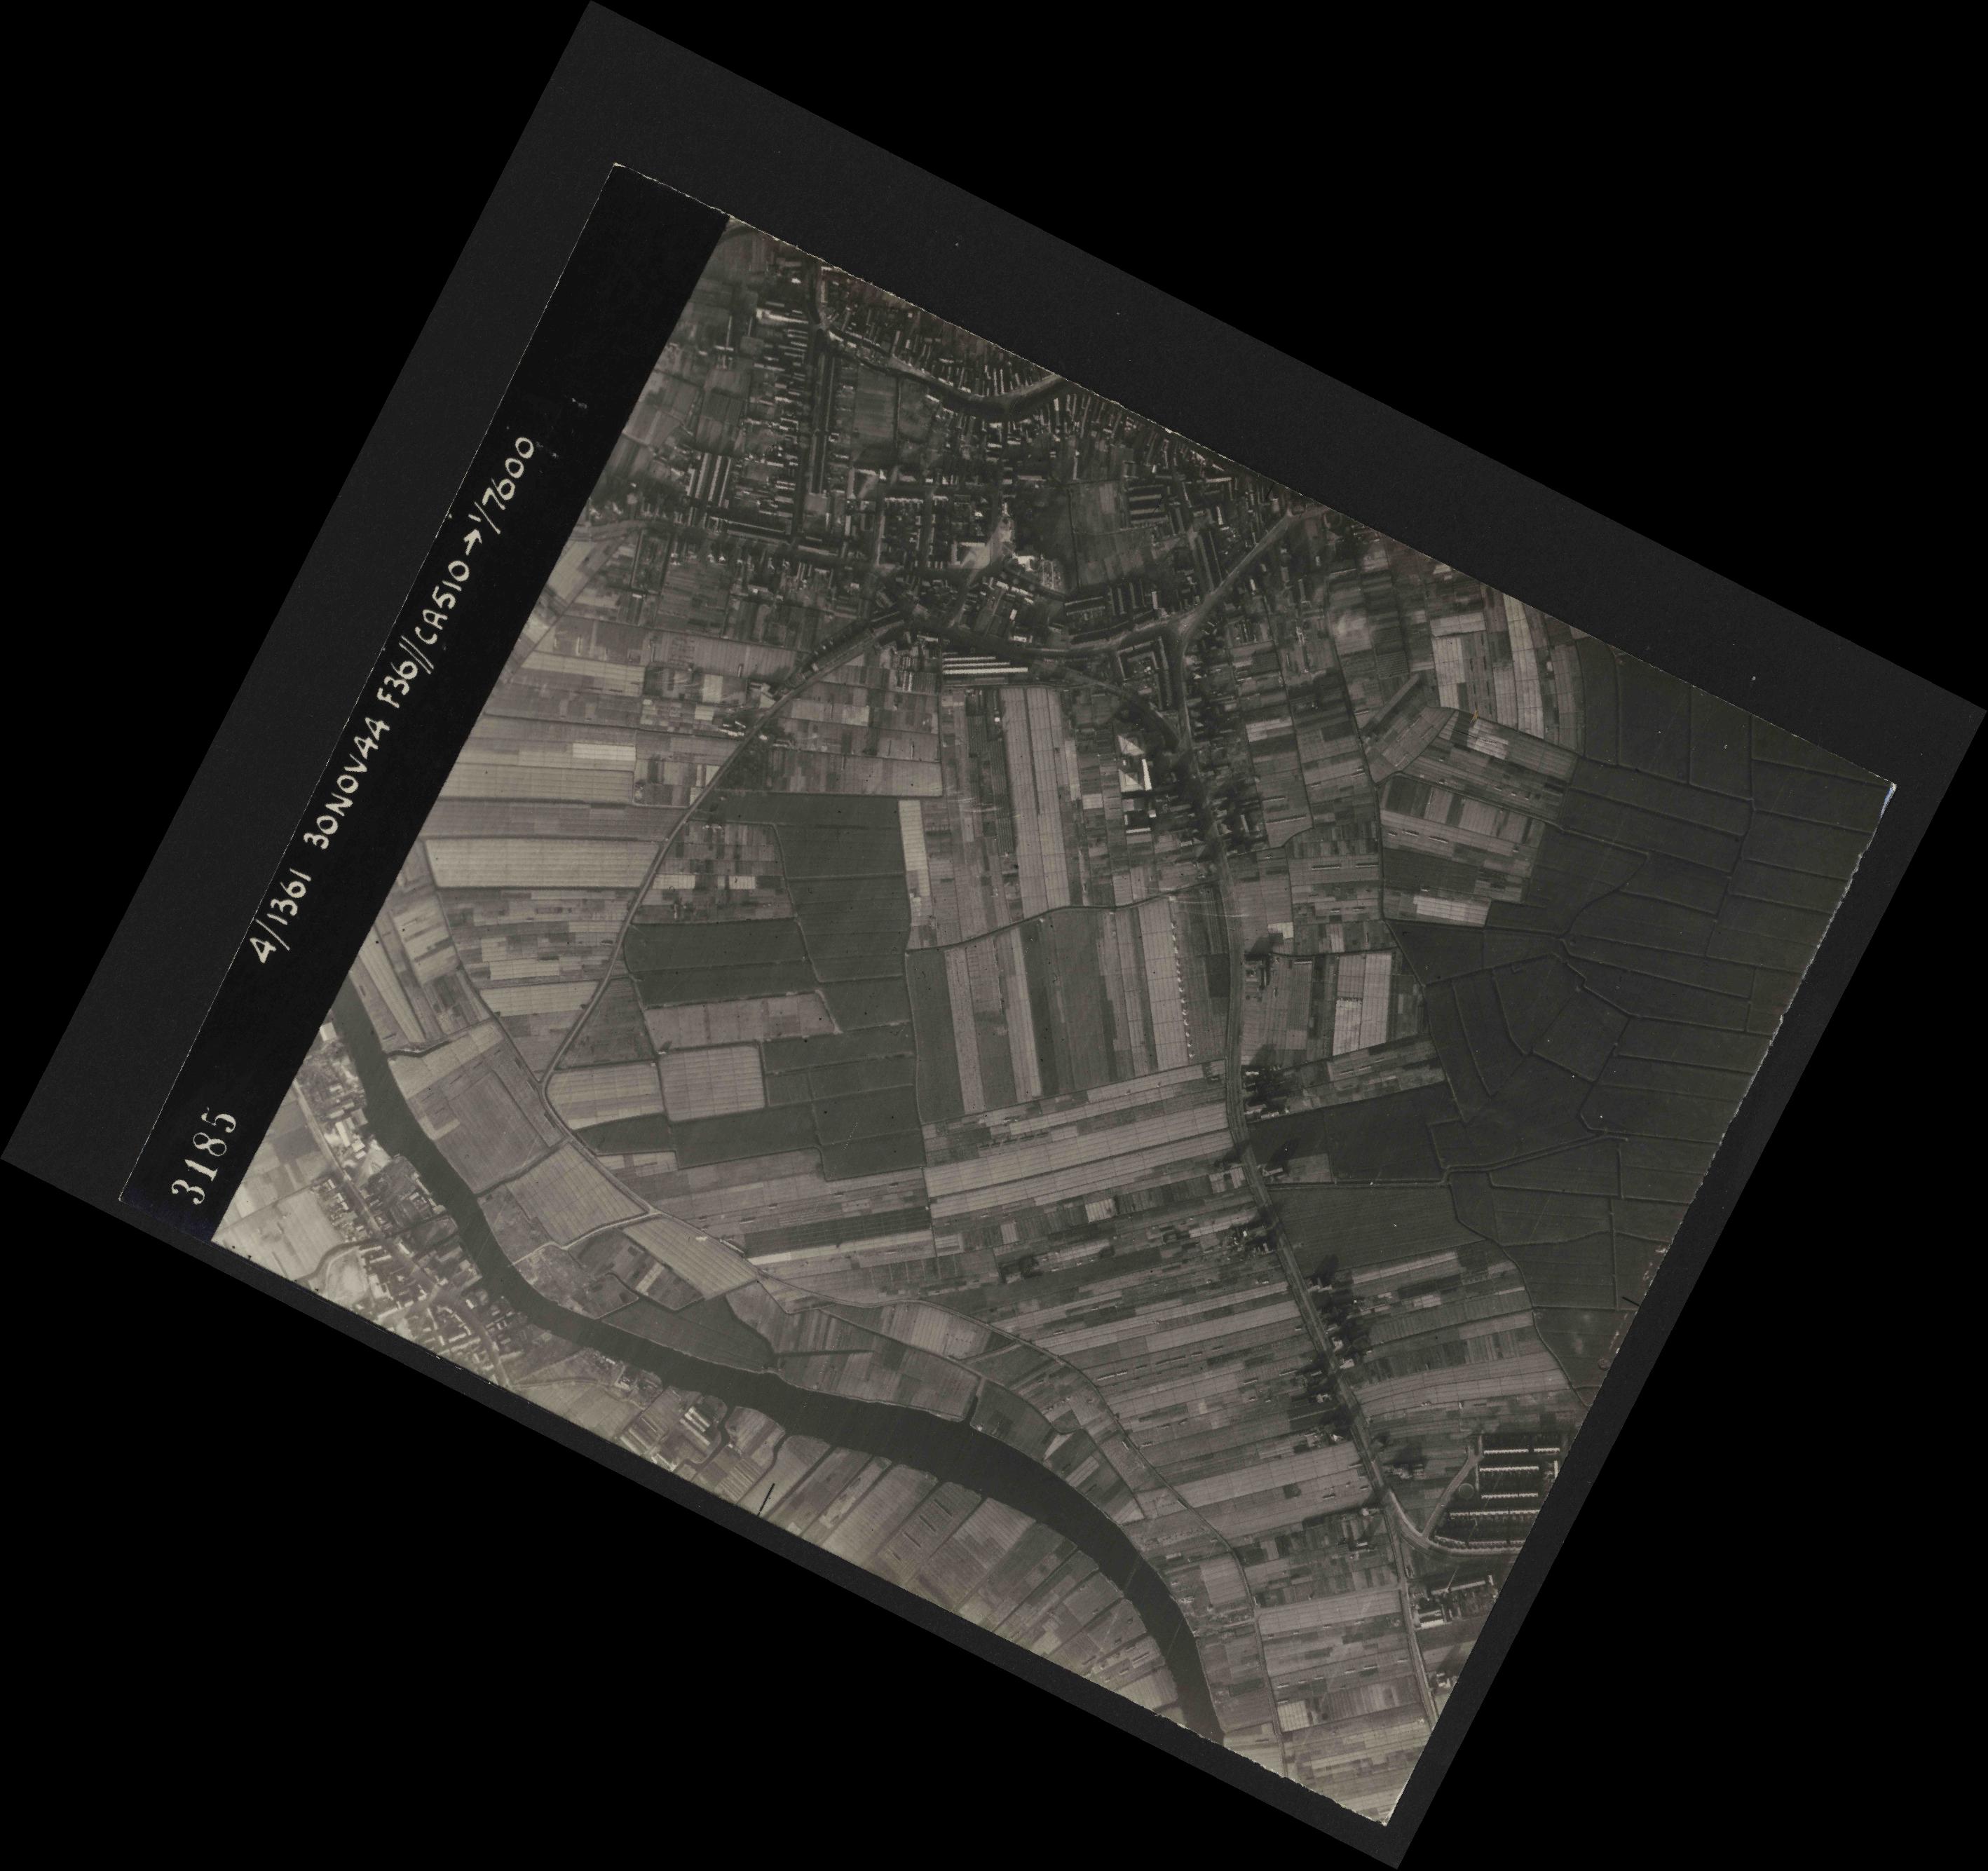 Collection RAF aerial photos 1940-1945 - flight 151, run 03, photo 3185